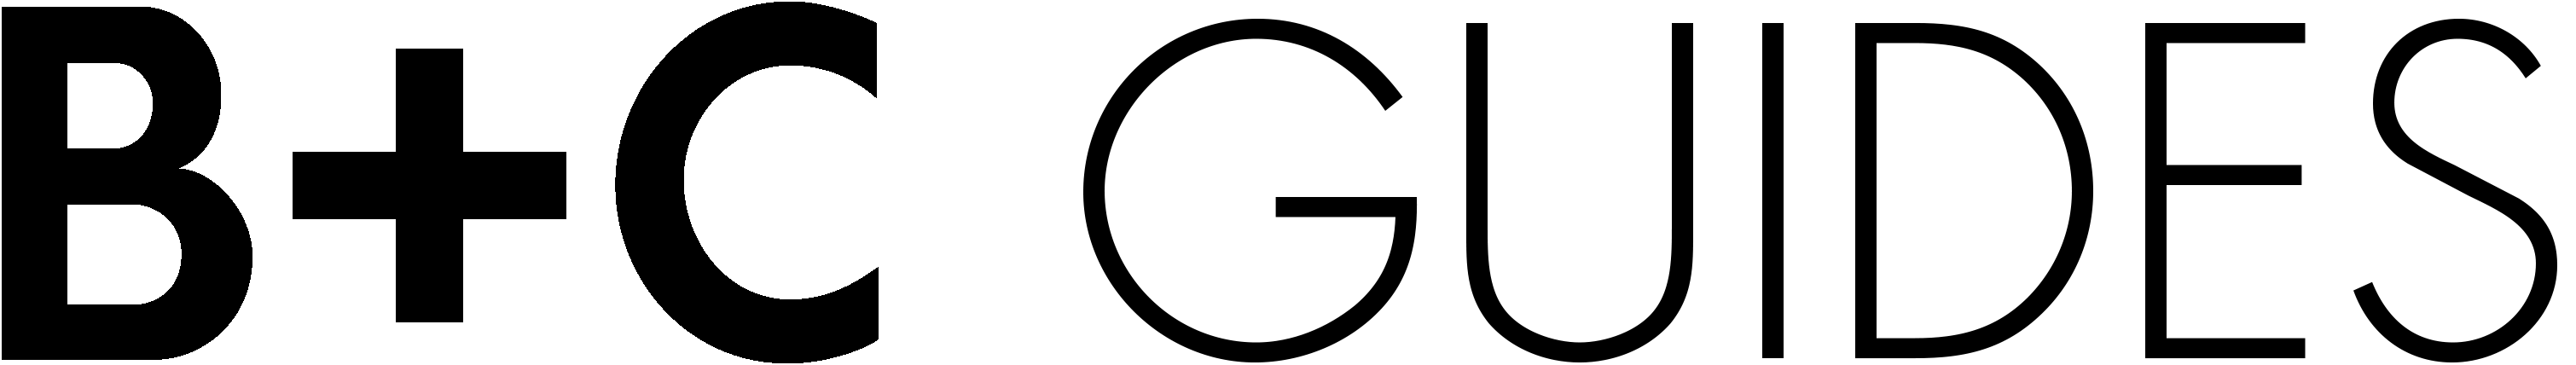 Snapguide